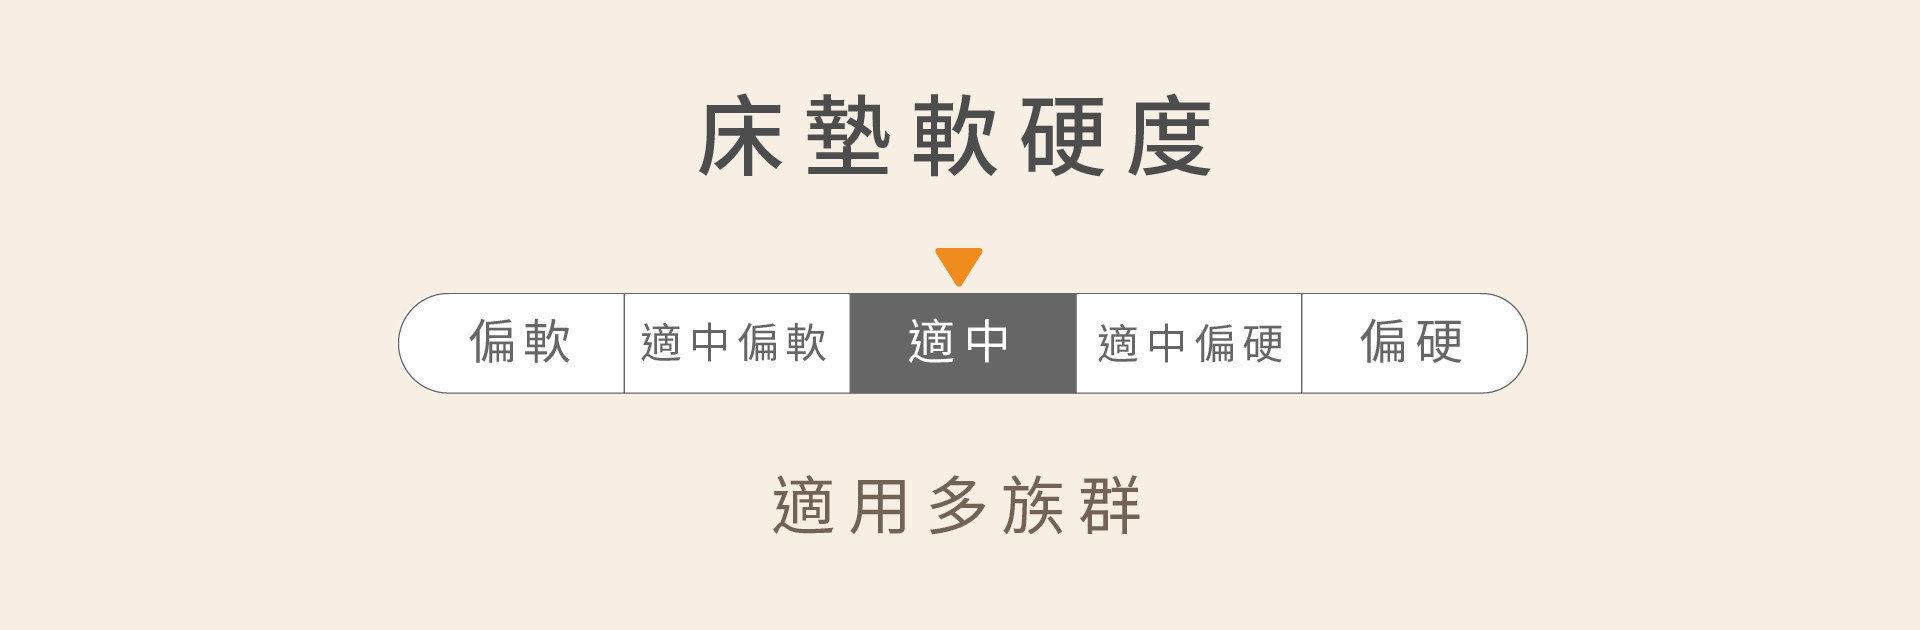 【歐文 三段式護背防蚊床】軟硬度適中,適合全家人使用!